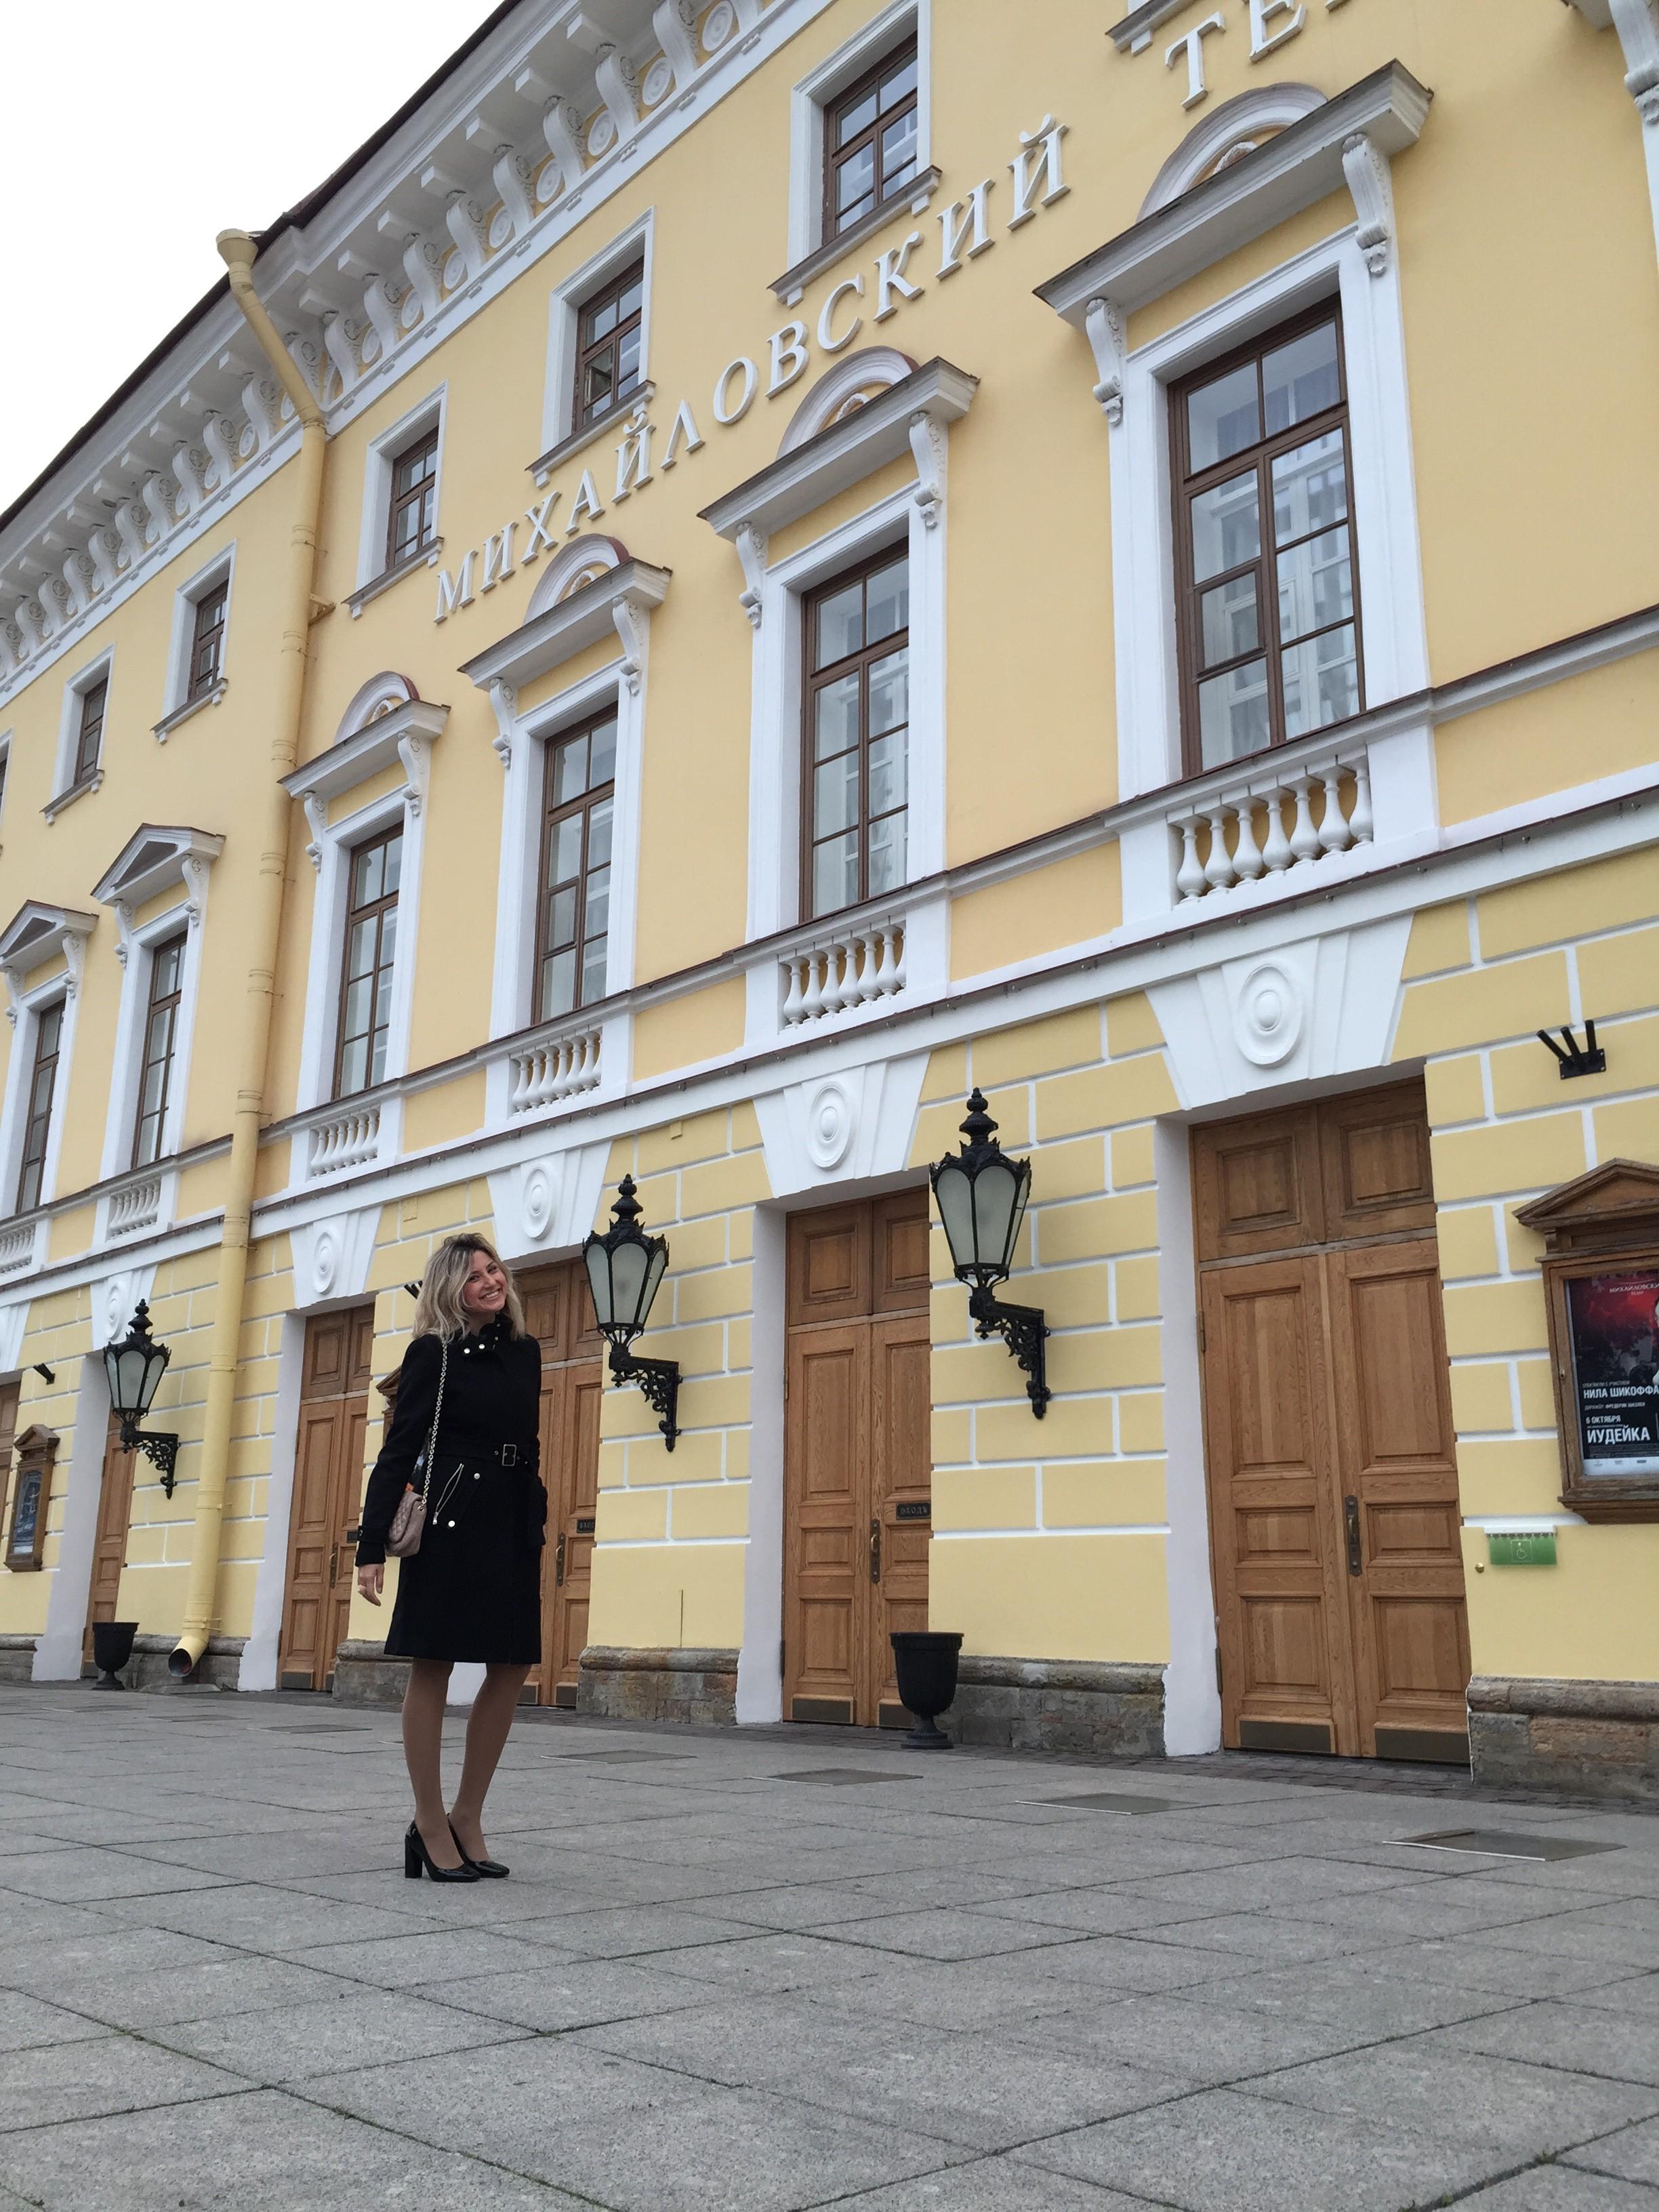 viagem para a rússia - ballet em são petersburgo - russia - Mikhailovsky